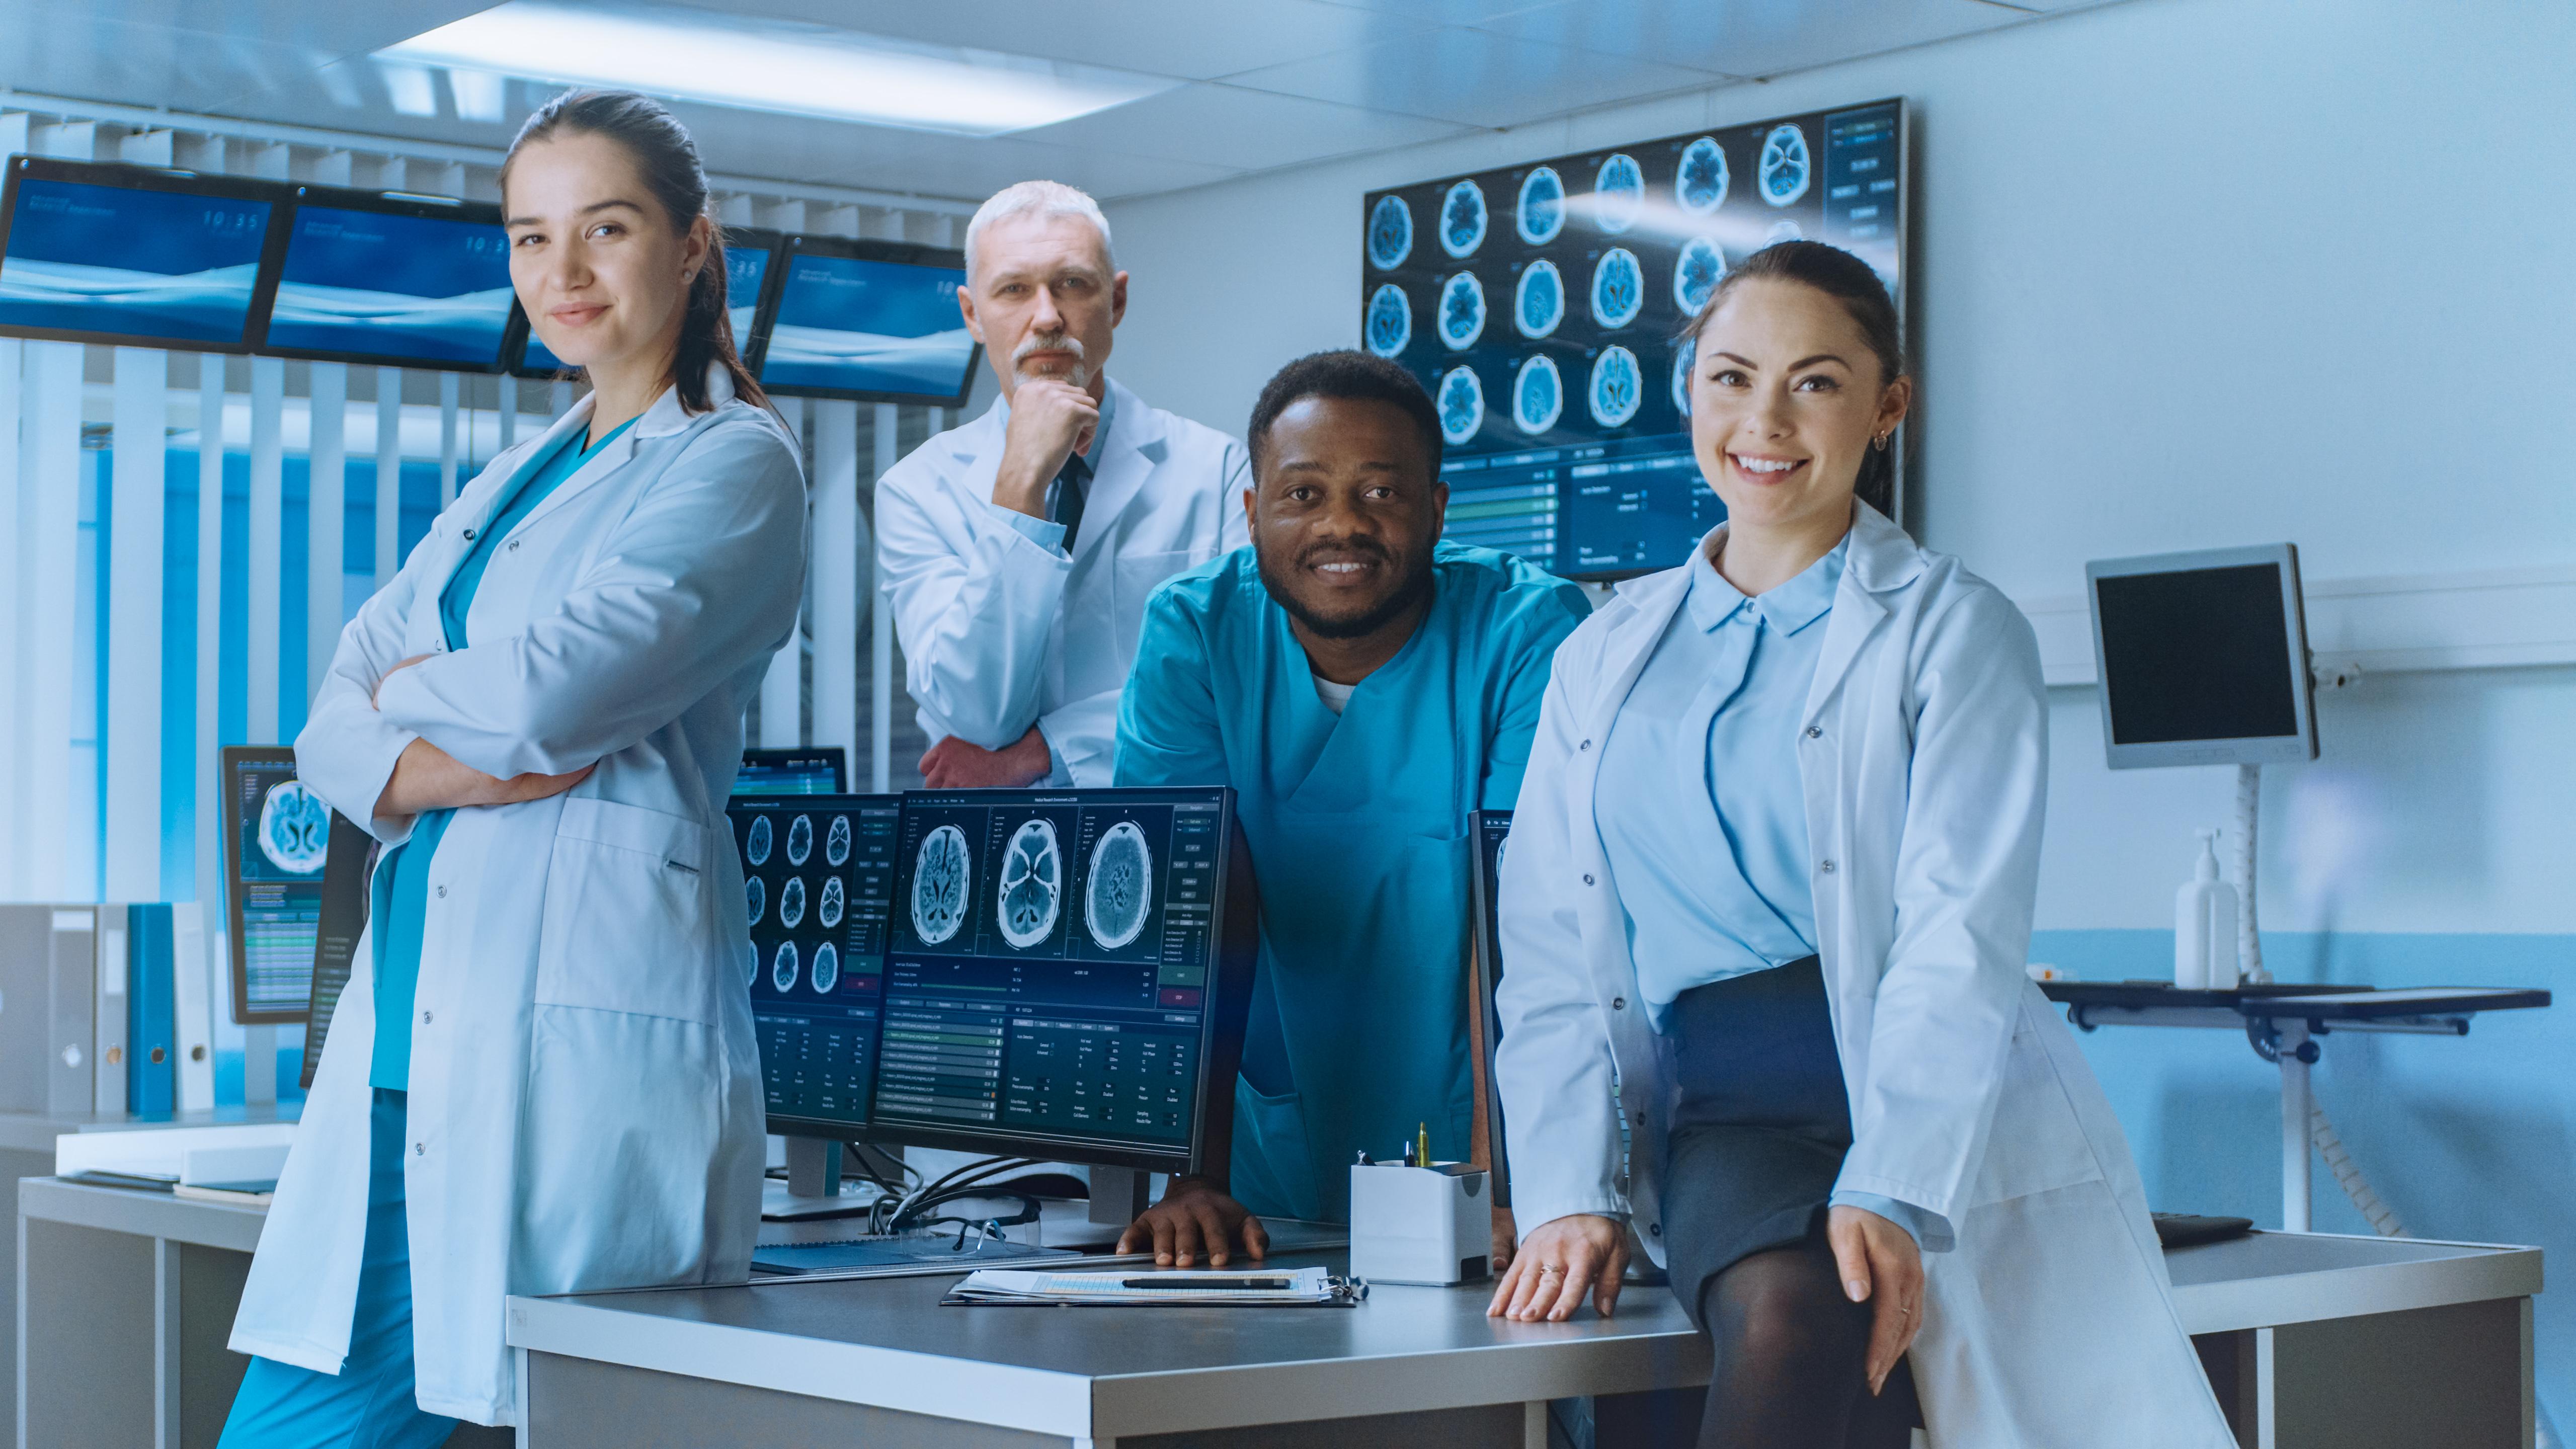 Tecnología en la industria salud: creada para las personas